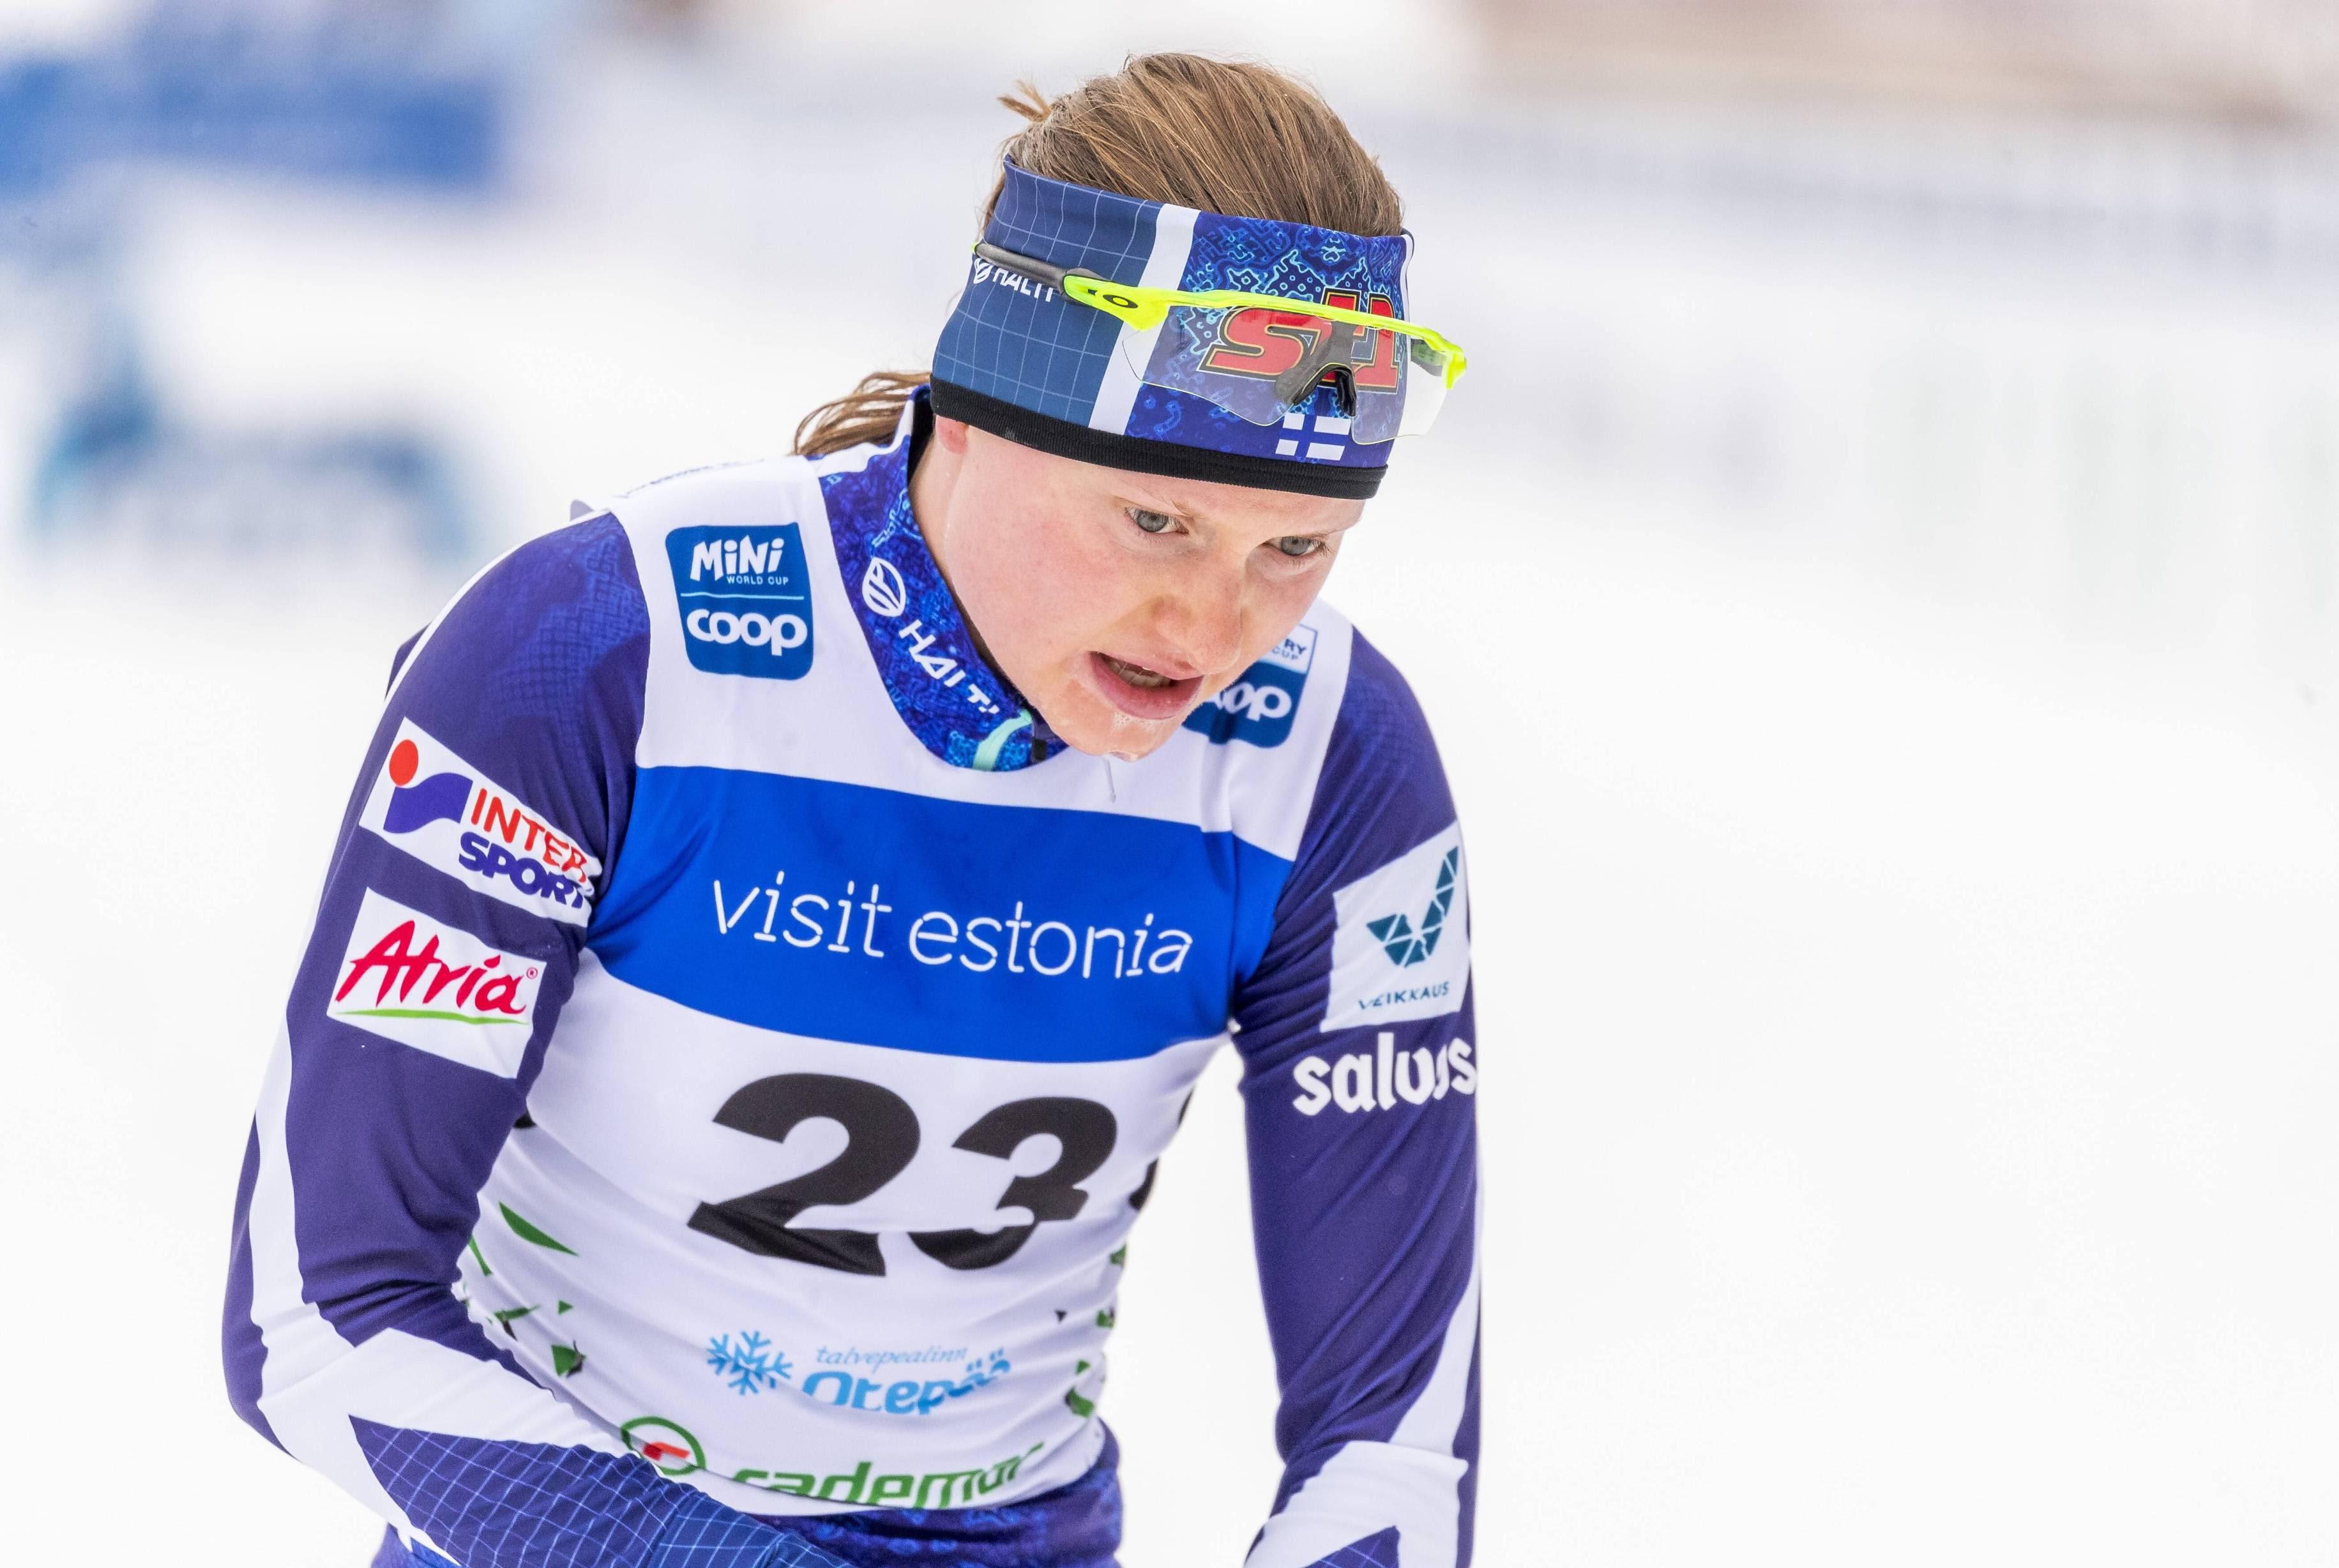 Johanna Matintalo oli väsynyt mutta tyytyväinen päästyään maaliin Otepään 10 kilometrillä.